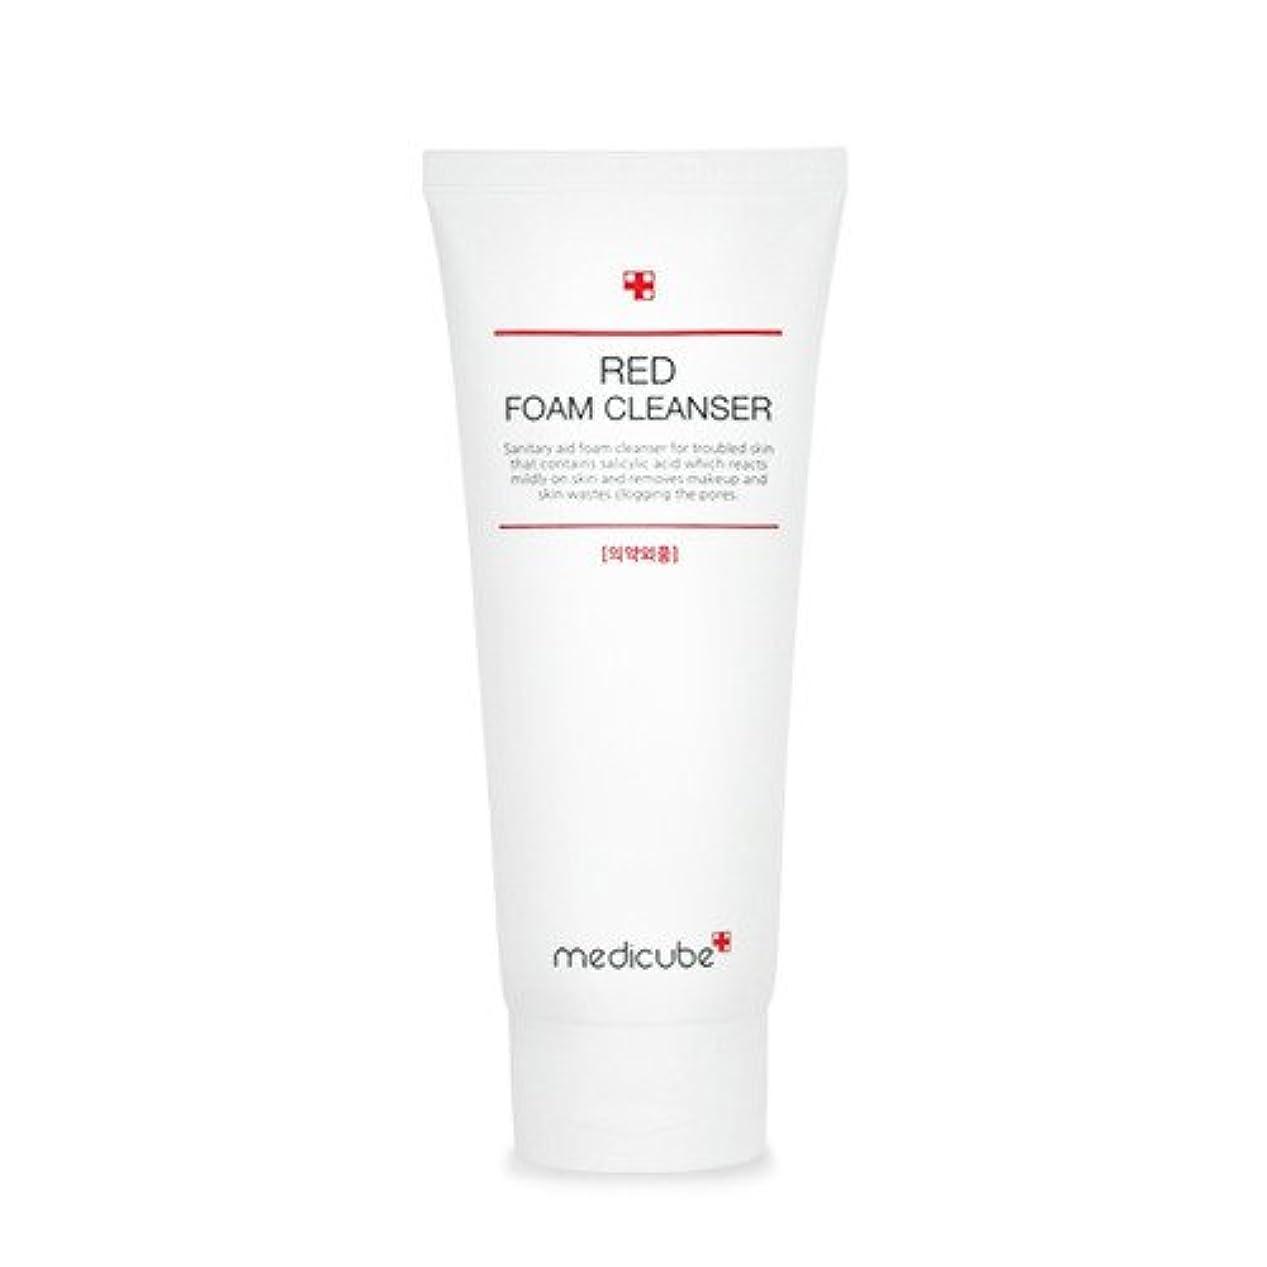 寄り添う姉妹対話[Medicube]Red Foam Cleanser 120ml / メディキューブレッドクレンジングフォーム / 正品?海外直送商品 [並行輸入品]